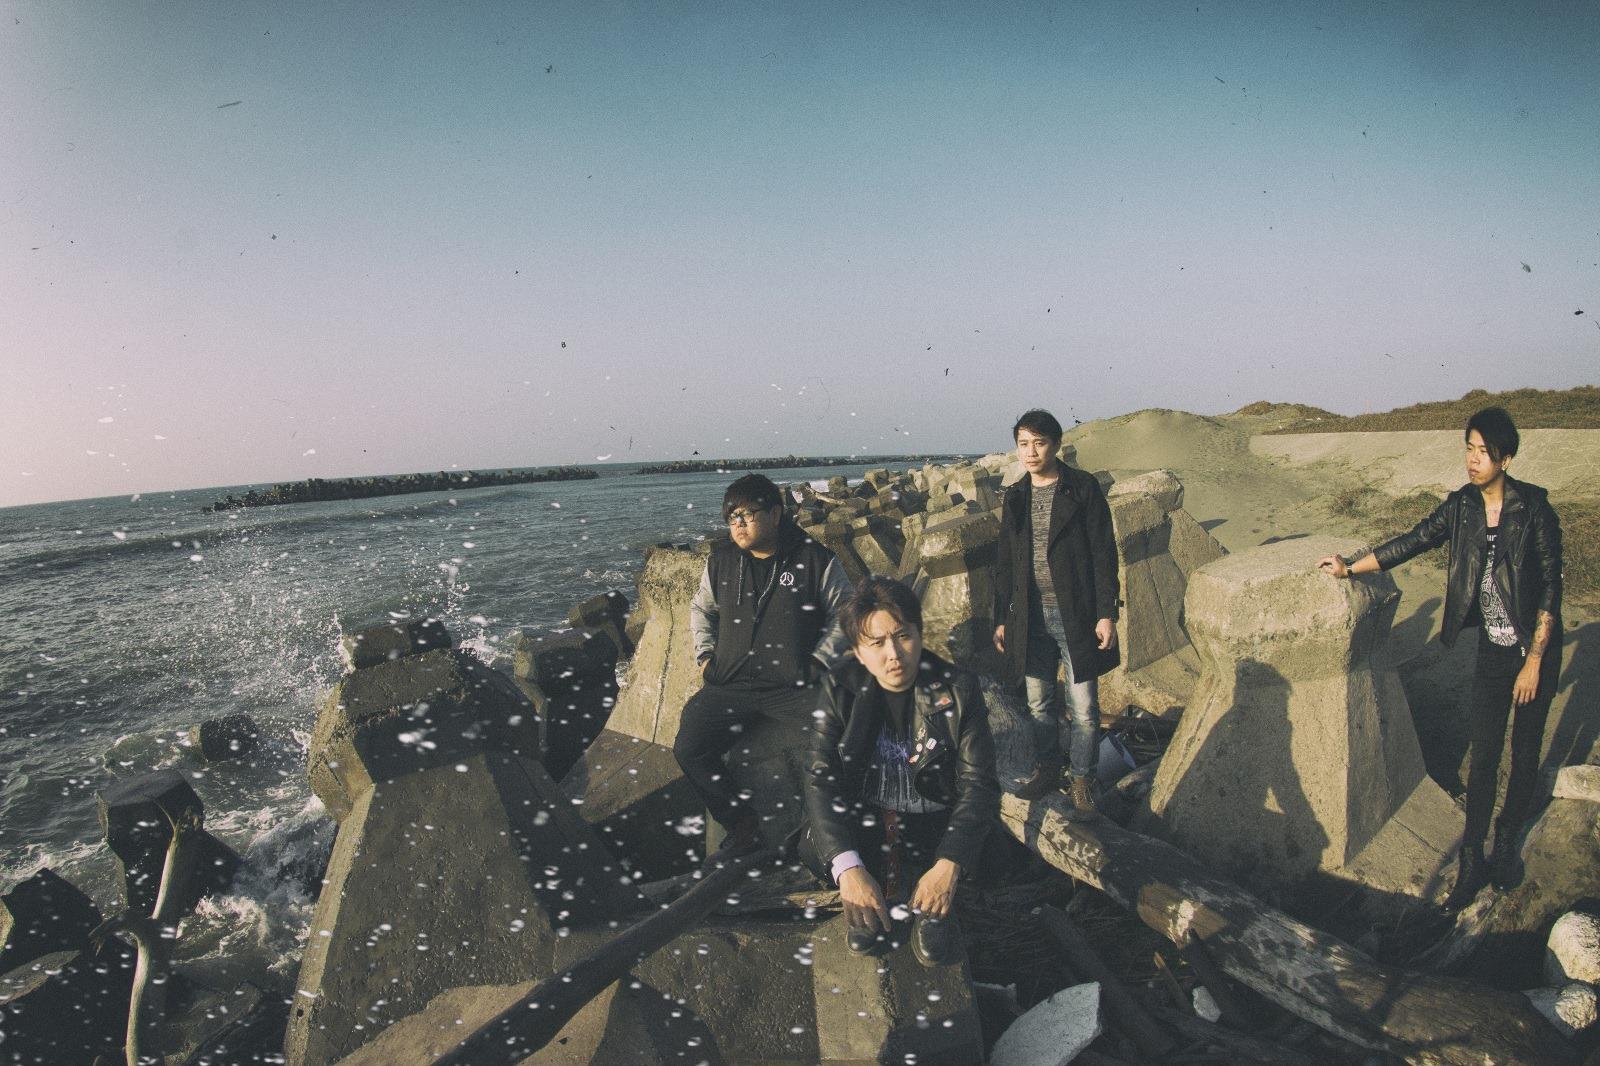 台南搖滾樂團 斑馬人大樂隊 Zebra Man 成員更動後首次演出 將與加拿大的龐克女孩 Jenny Woo 共演